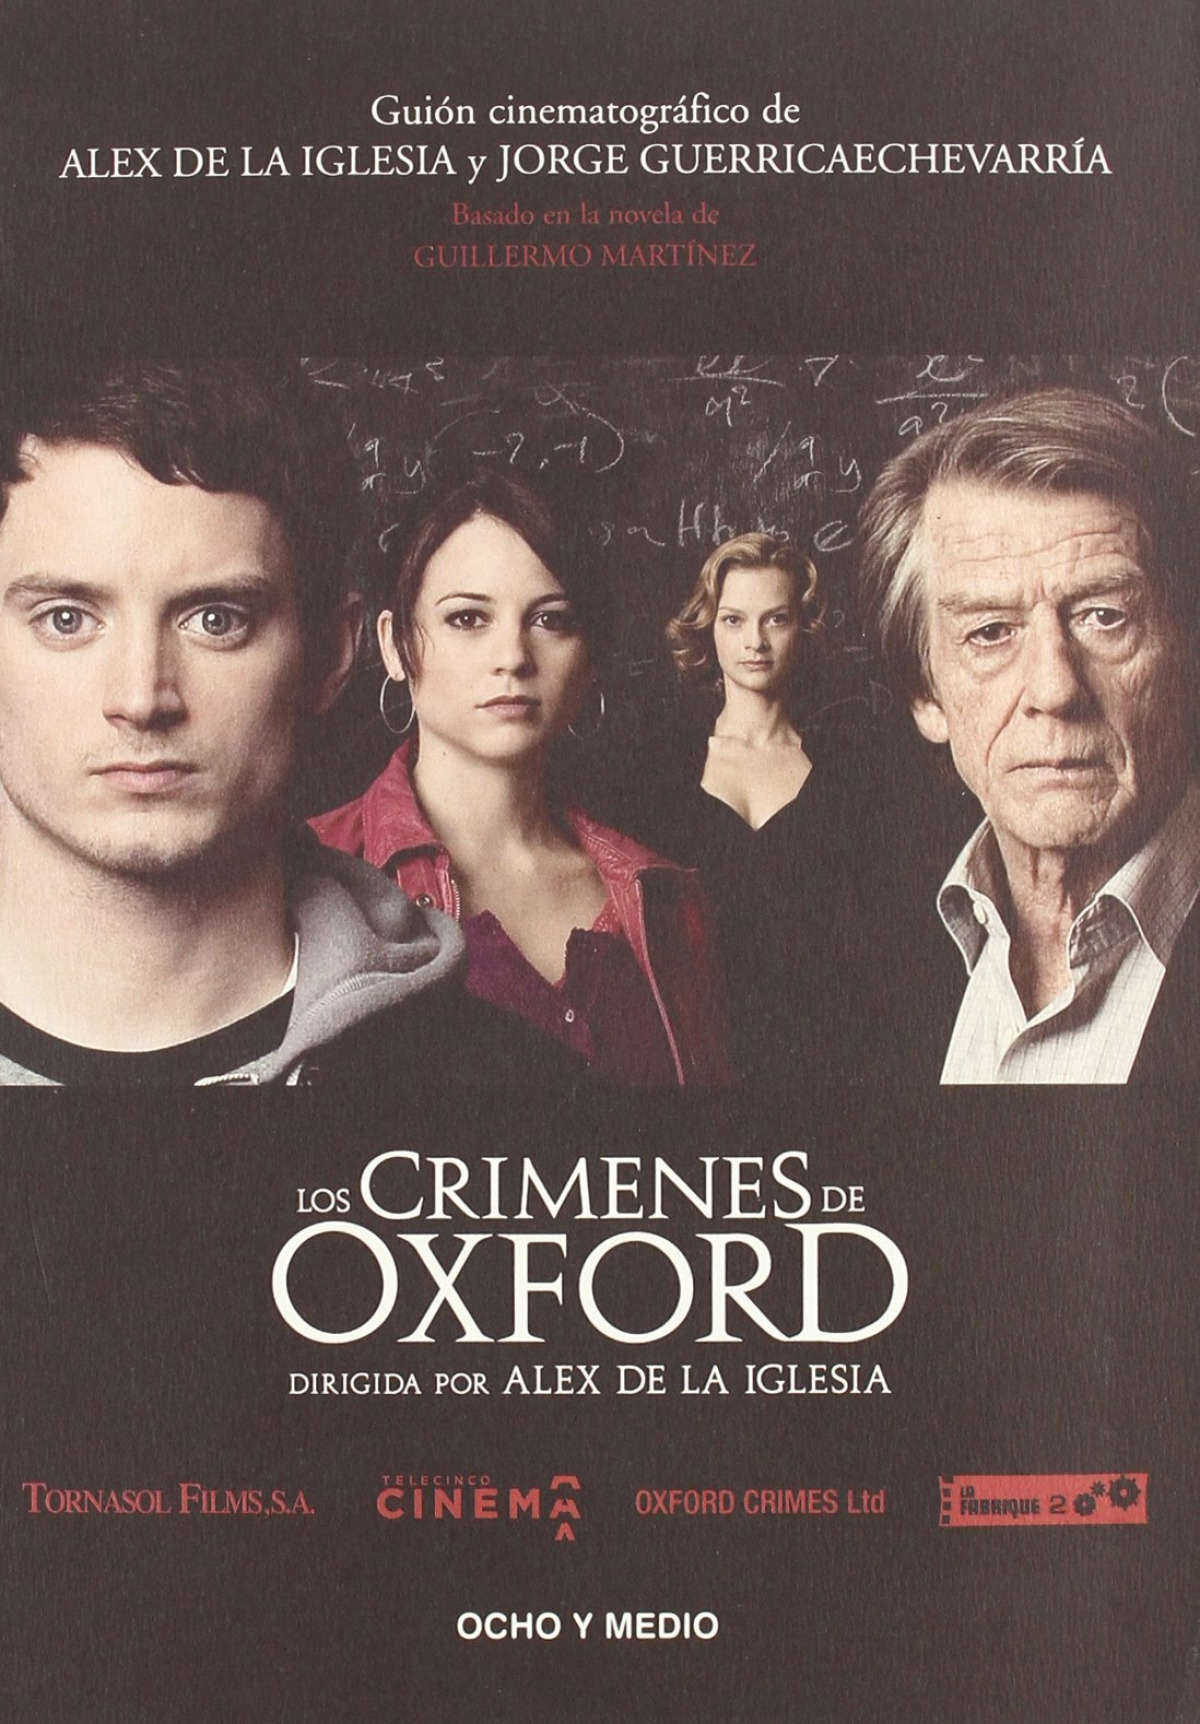 Crimenes de oxford - De La Iglesia, Alvaro